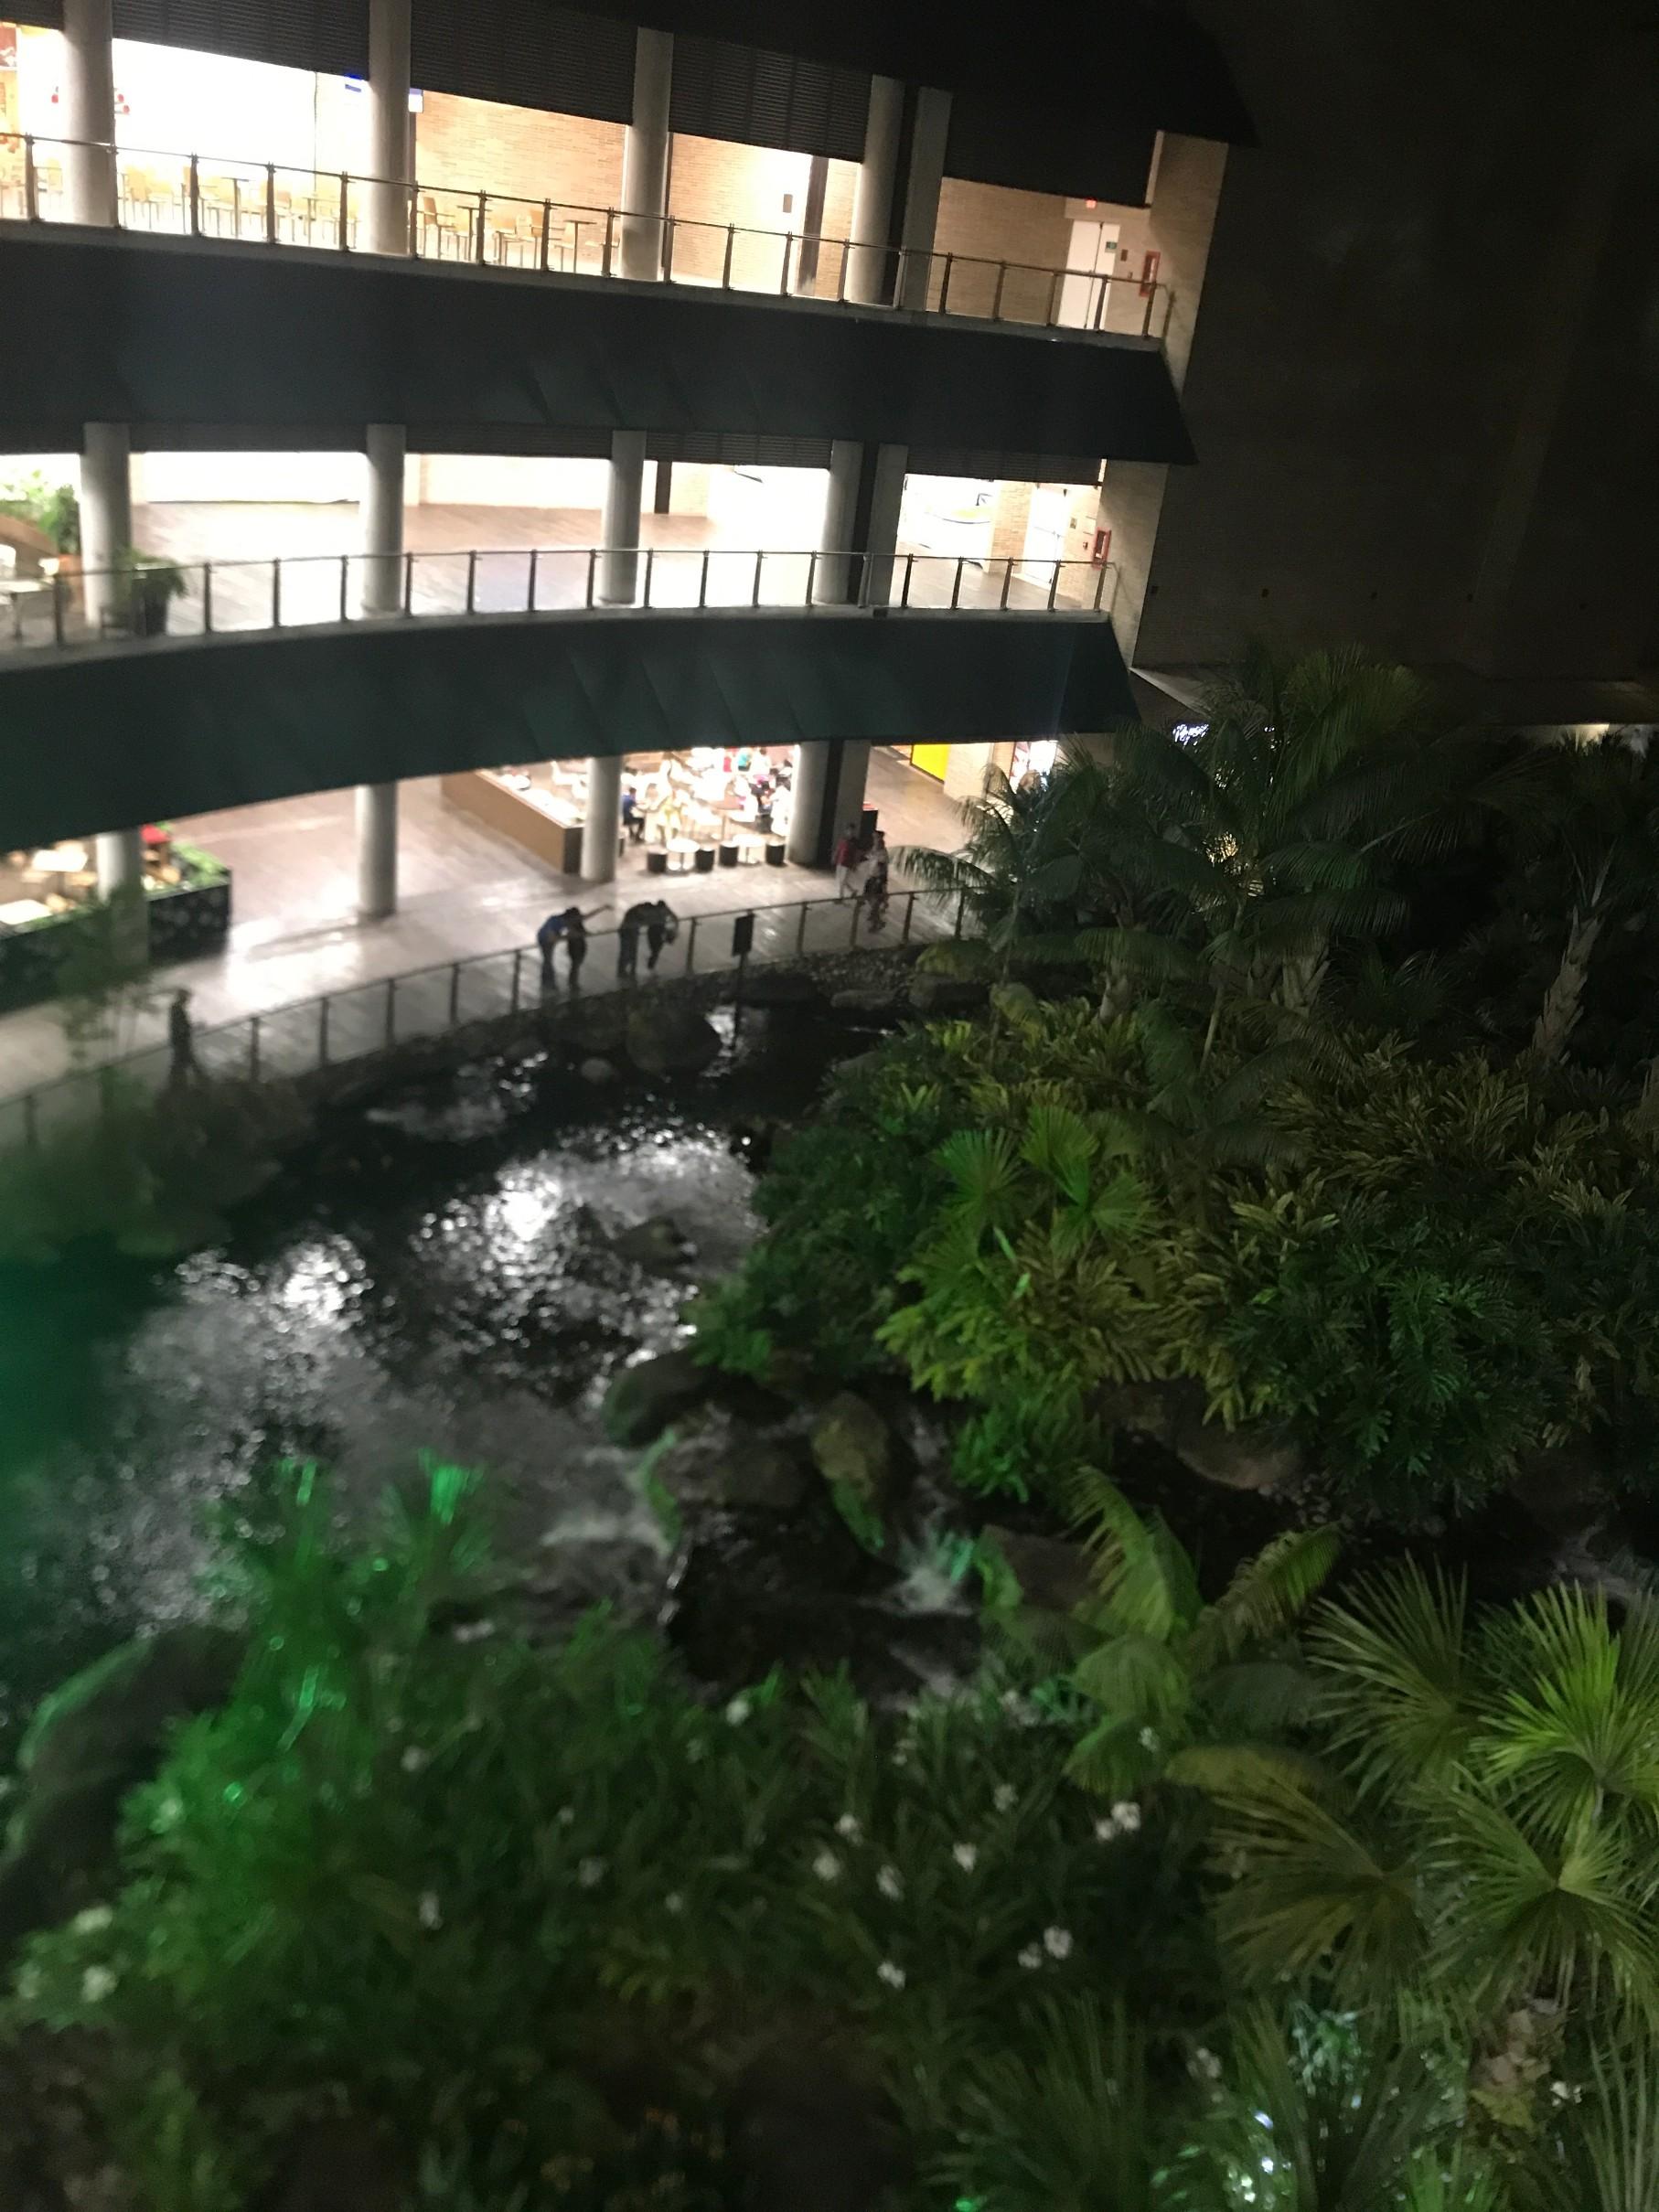 villavicencio mall